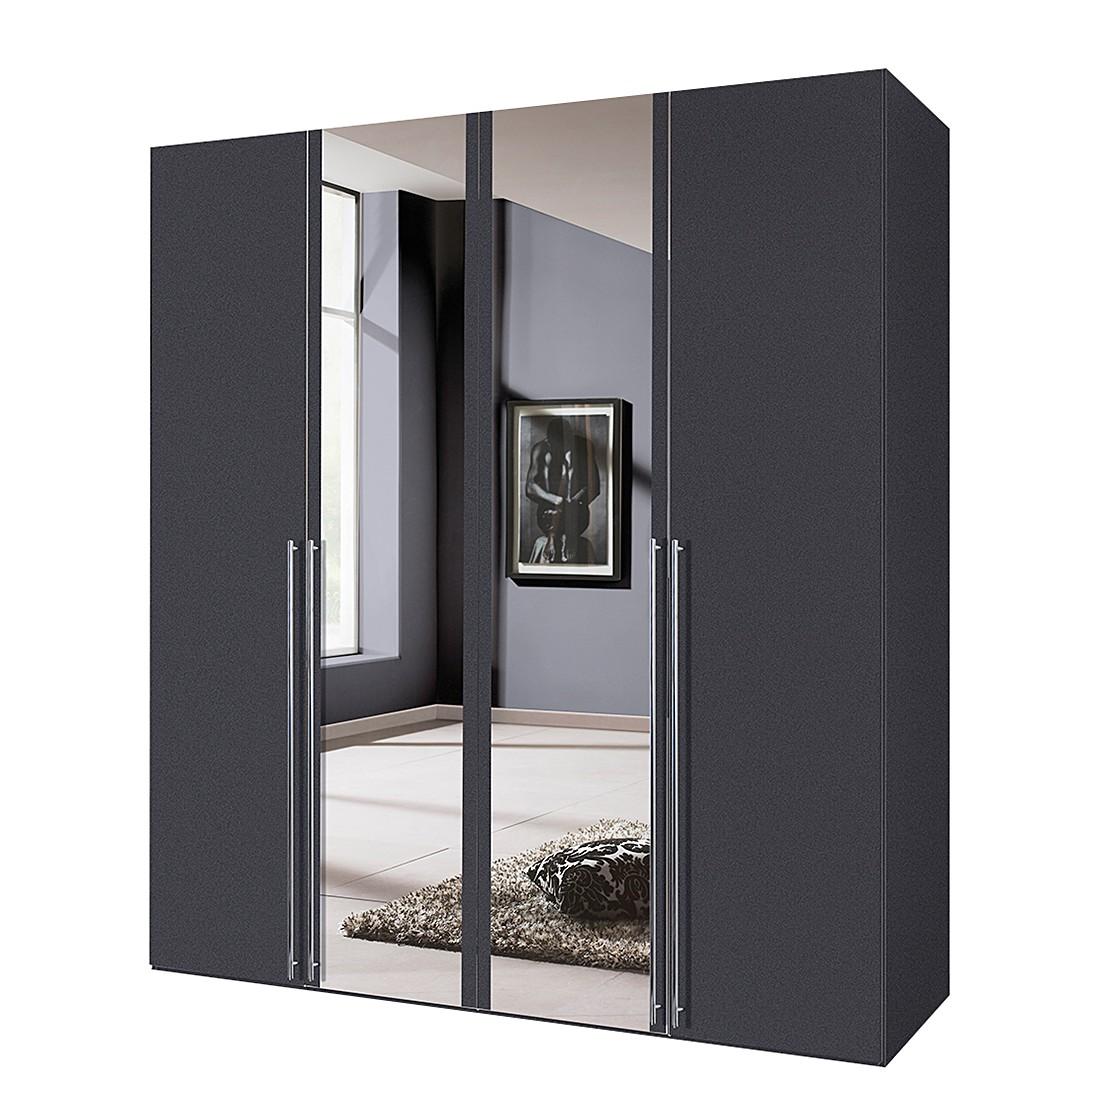 Armoire à portes battantes Brooklyn VII - Gris graphite / Miroir - 200 cm (4 portes) - 216 cm, Expre